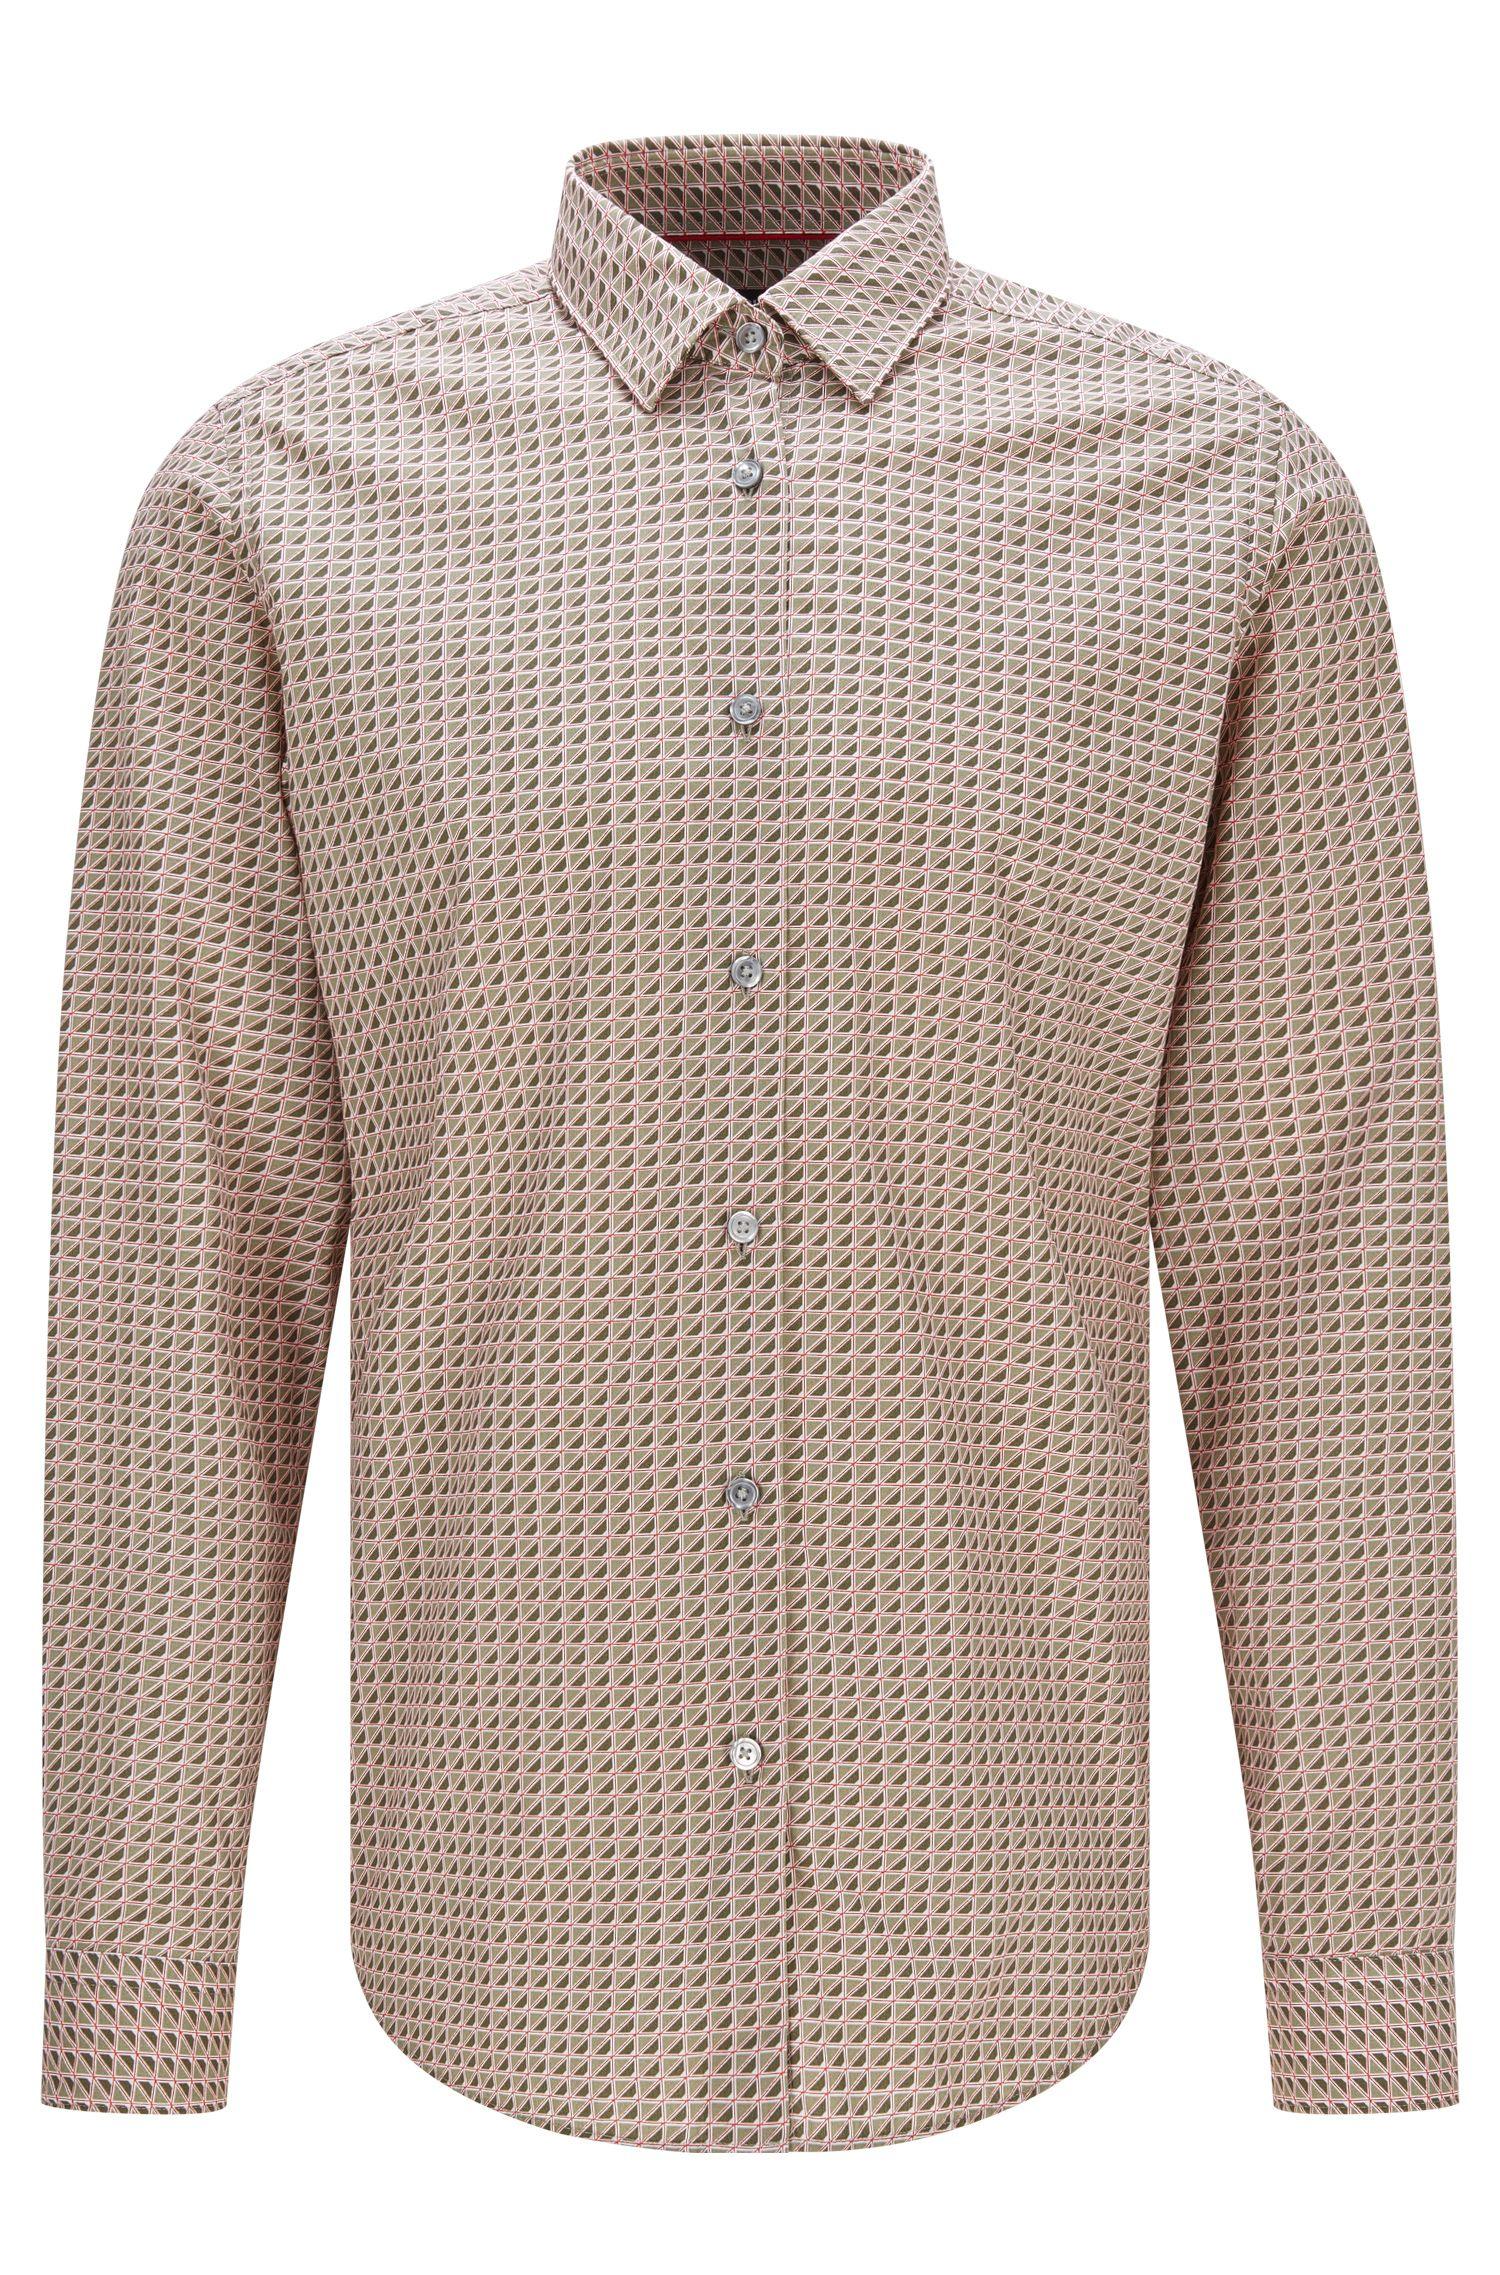 Cotton Button Down Shirt, Regular FIt | Lukas F